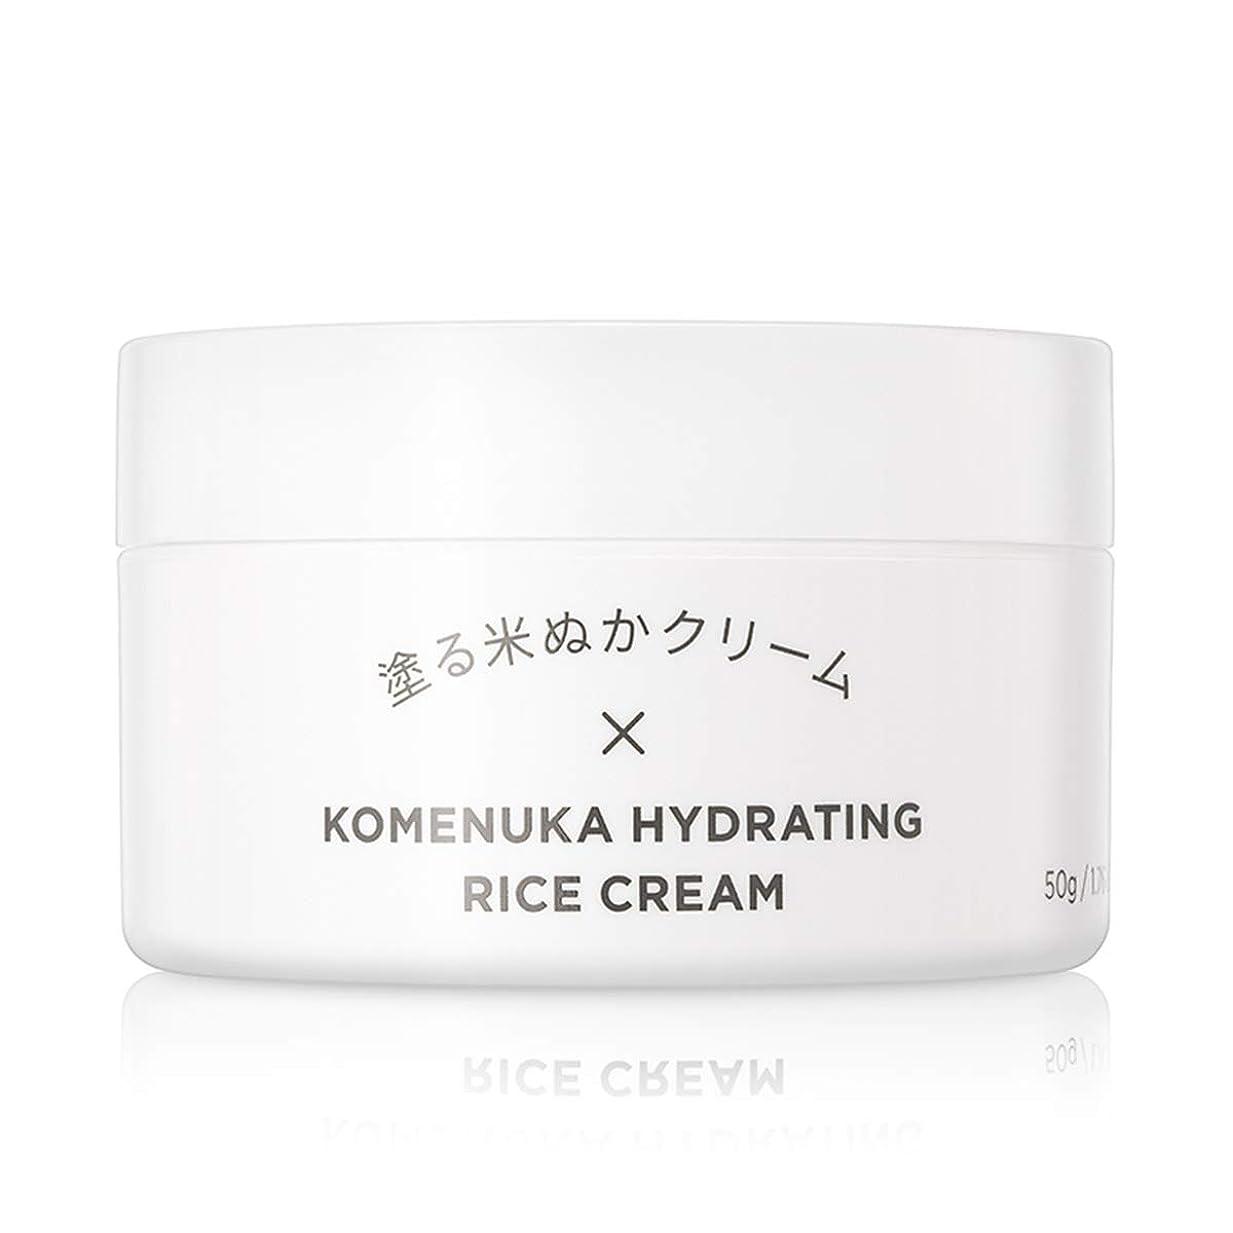 再編成するメロディー無視できる米一途 塗る米ぬかクリーム スキンケア 無添加 クリーム 50g